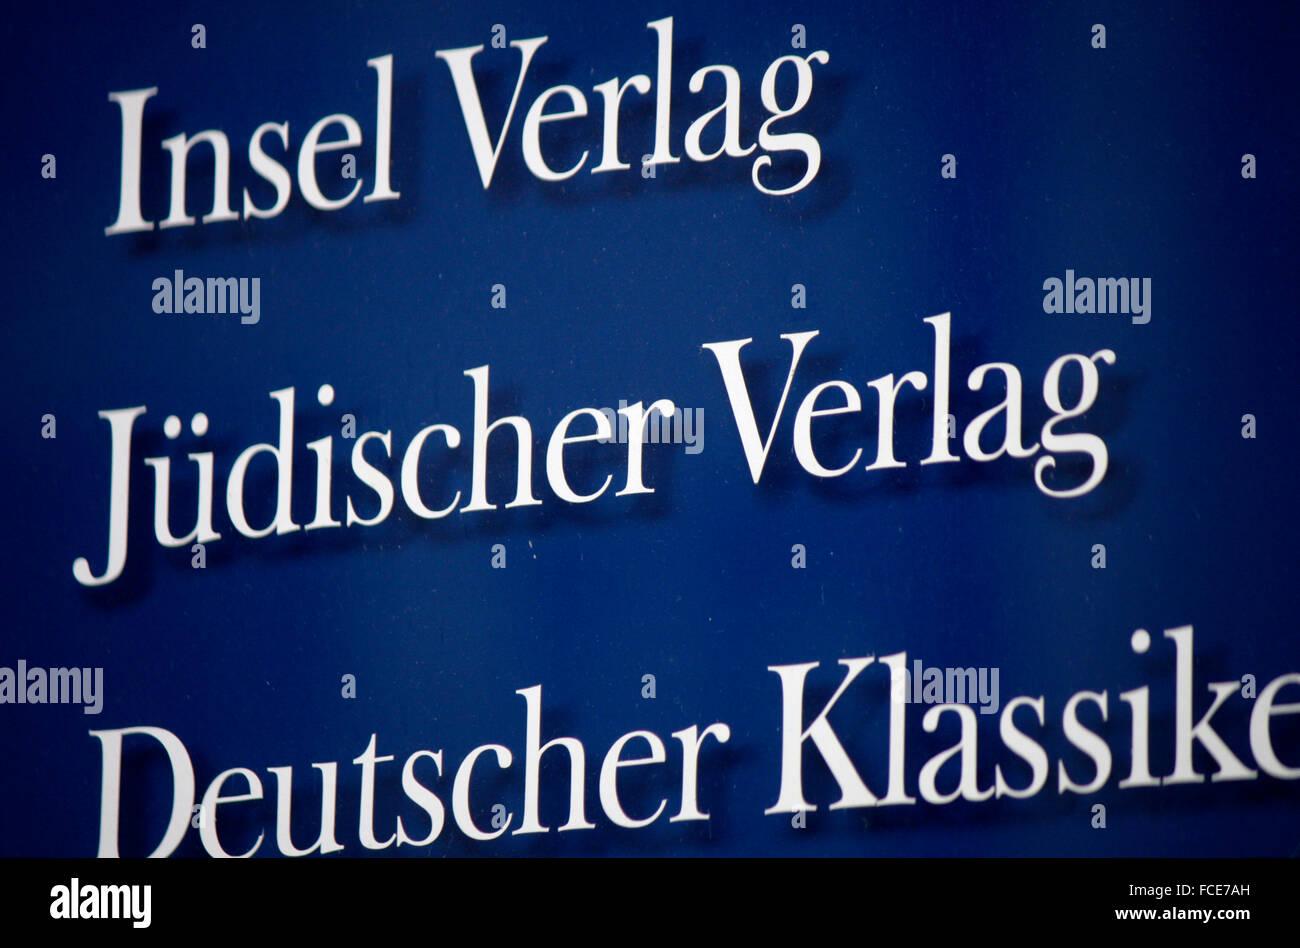 """Markenname: """"Insel Verlag"""" """"Juedischer Verlag"""", Berlin. Stock Photo"""